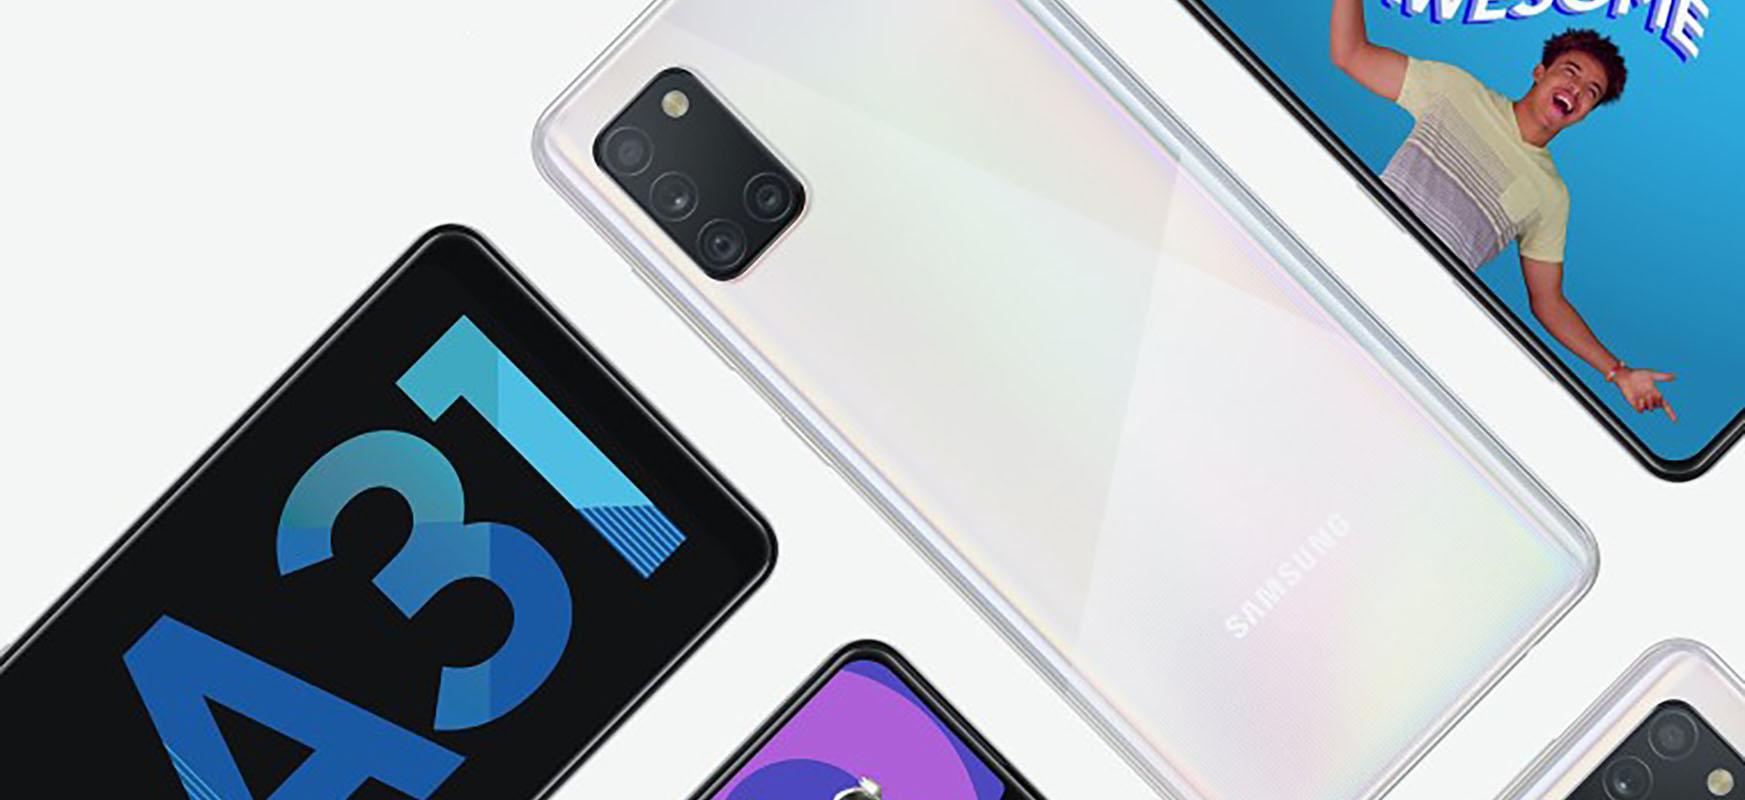 Google-n lan egiten duen polo batek deskargatu du sakelako telefono bat Samsung telefonoetan.  Ekoizleak makurtu egin zuen